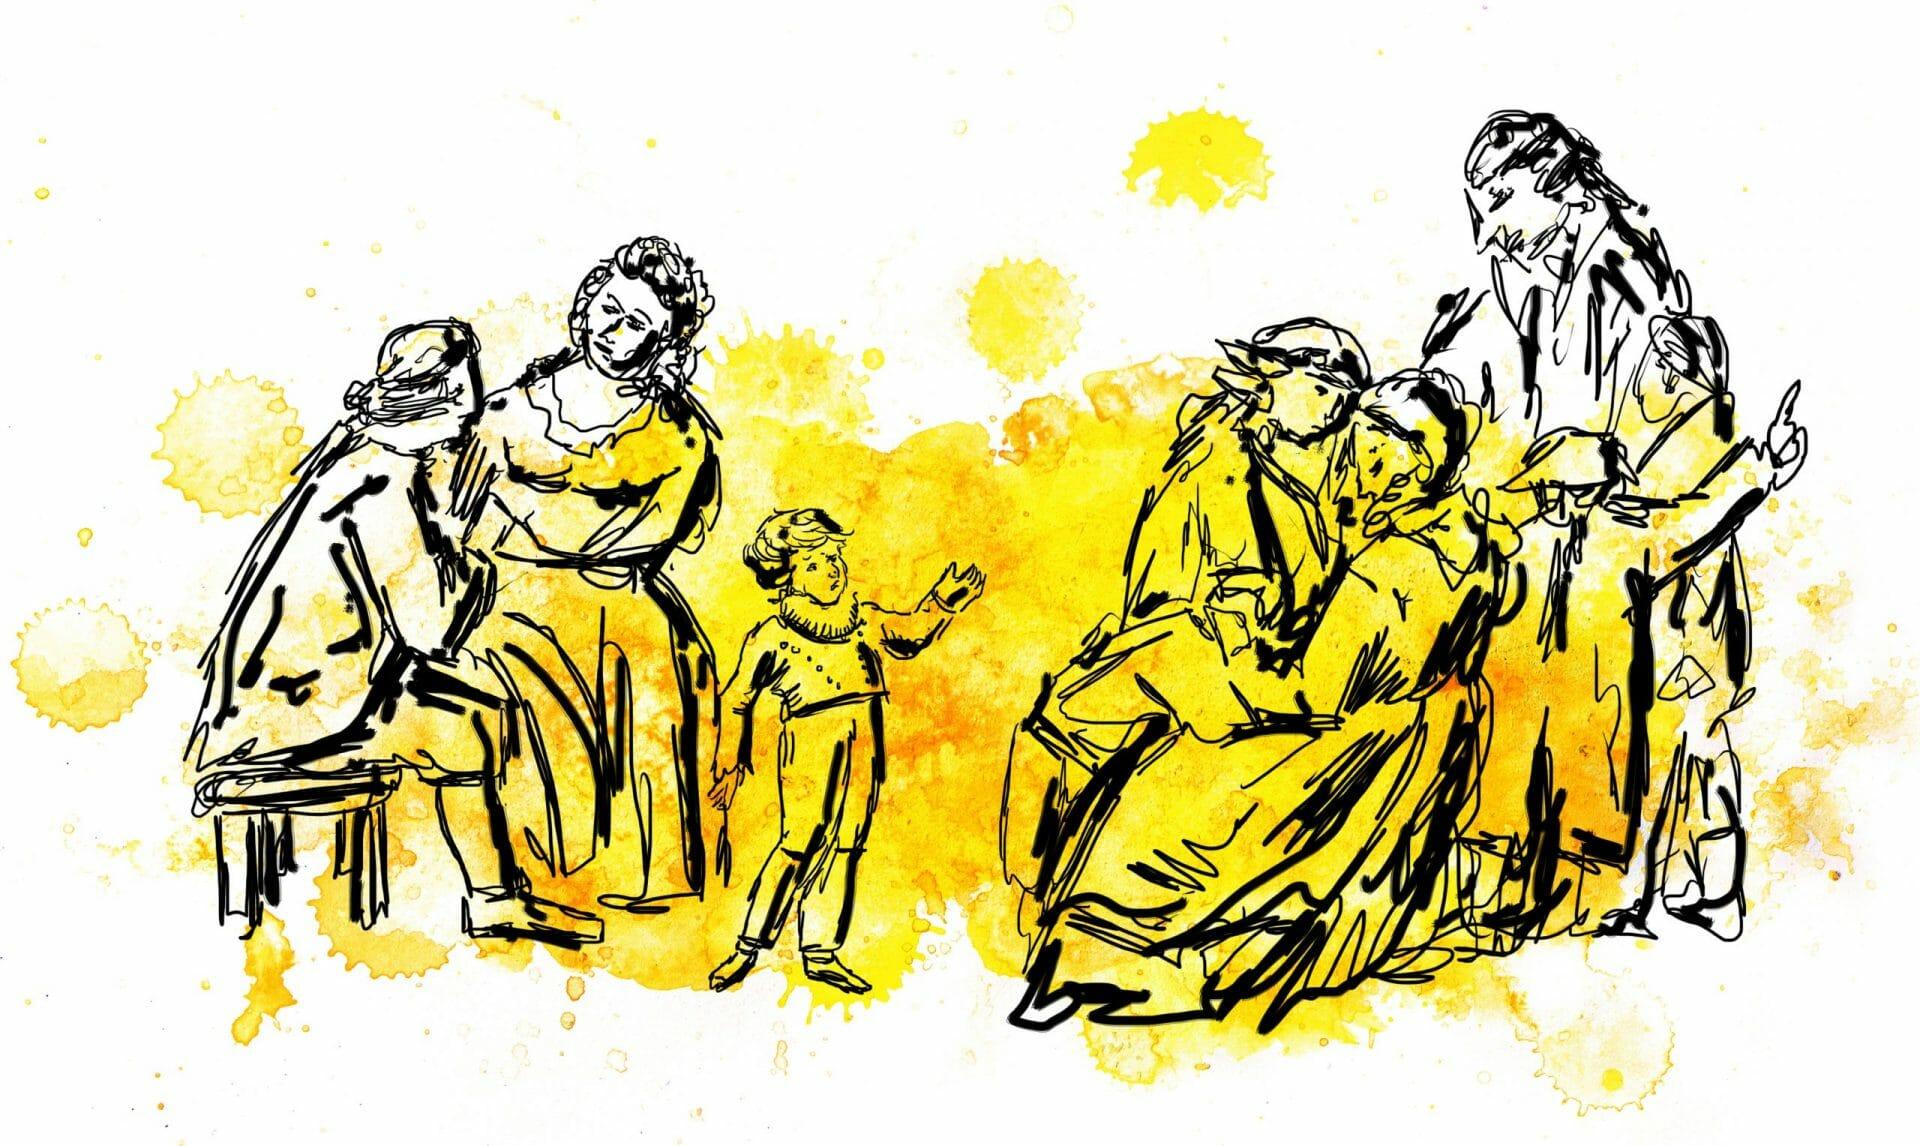 Gemälde mehrerer Personen bei unterschiedlichen Handlungen.